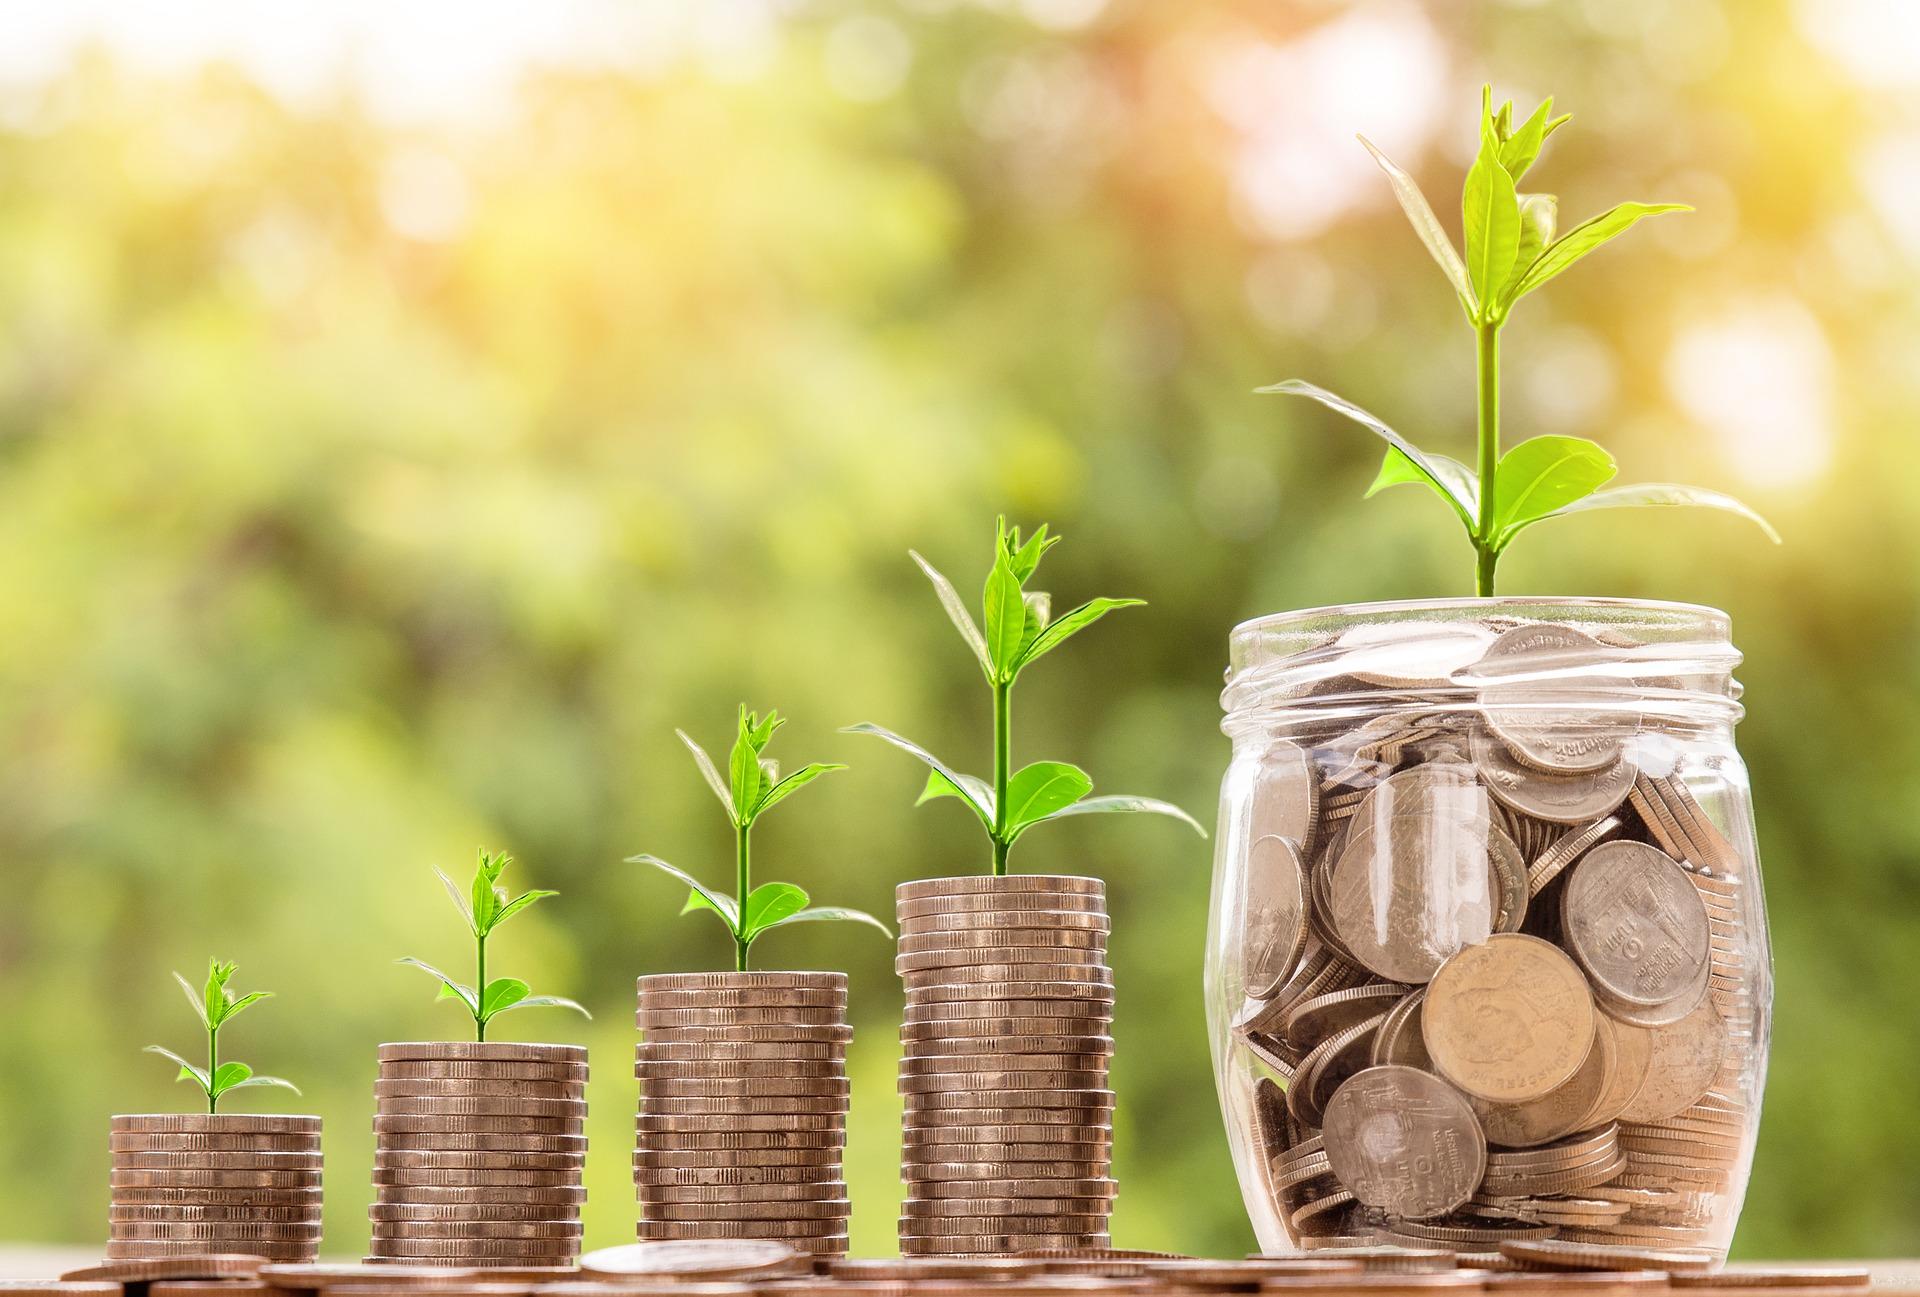 pénz hogyan lehet pénzt megtakarítani meggazdagodni)